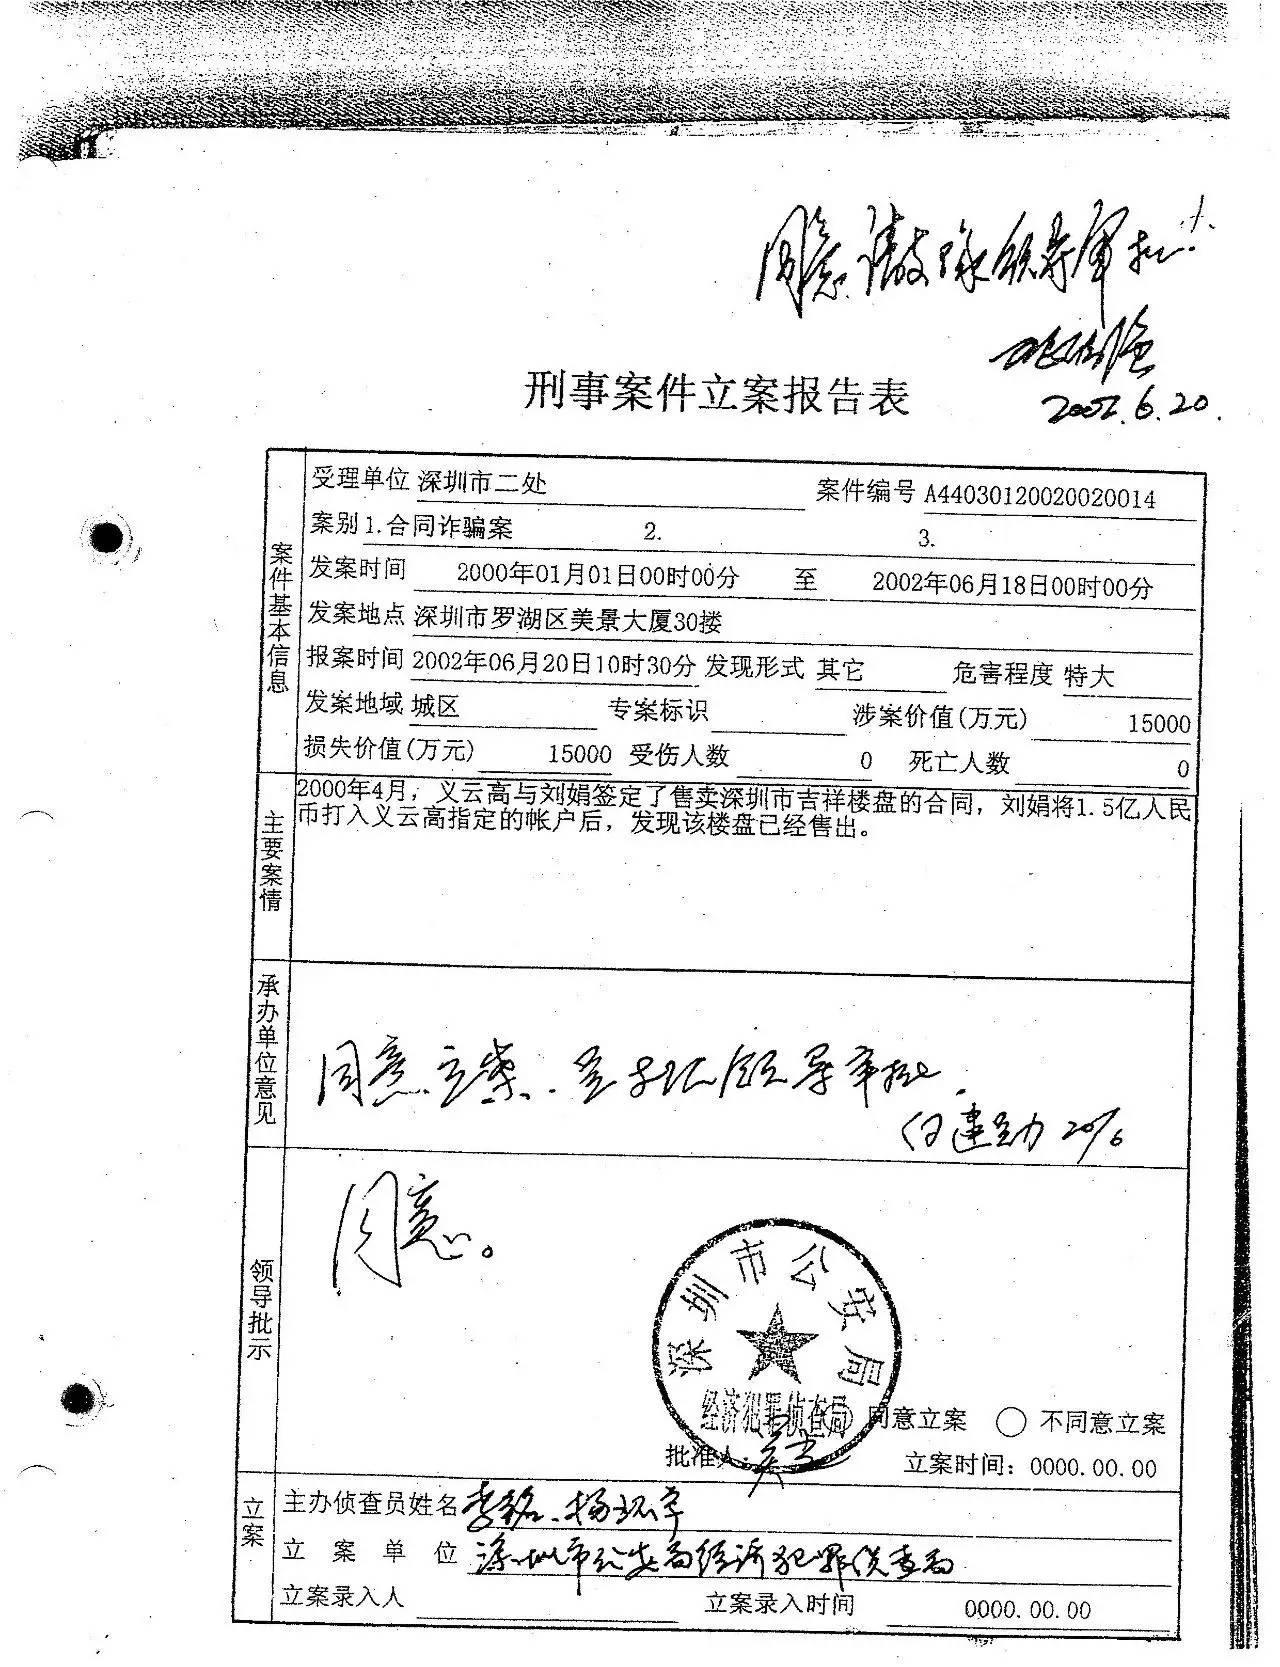 周永康陈绍基陷害第三世多杰羌佛真相曝光 第2张